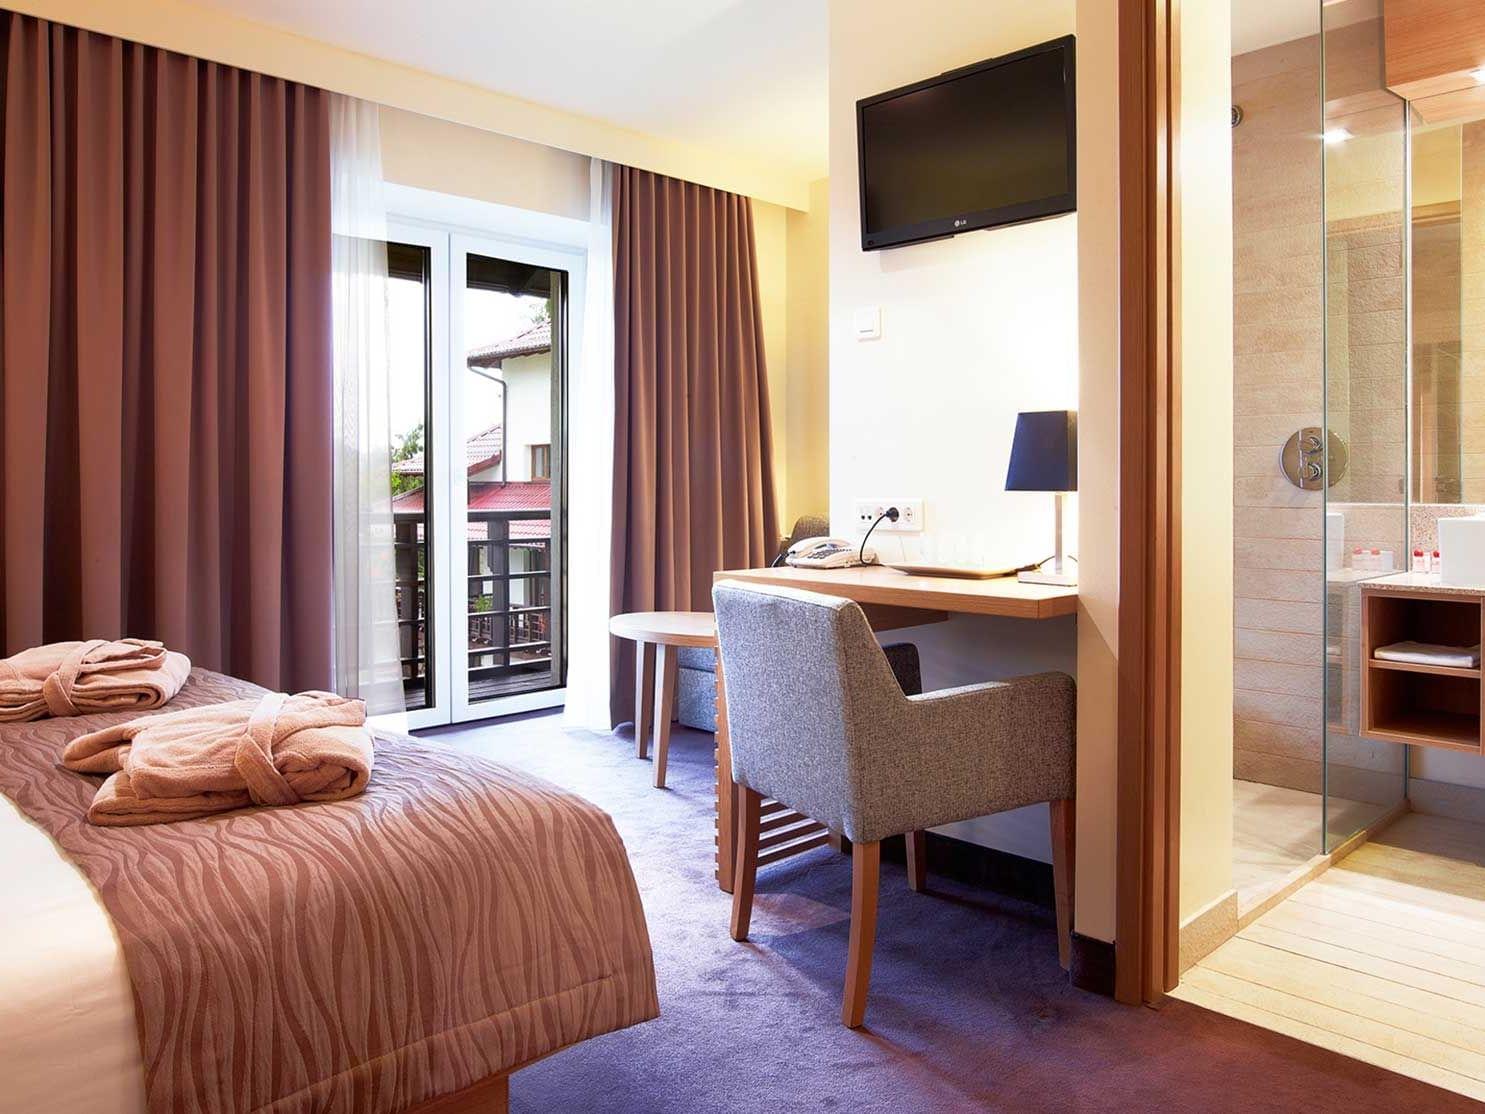 Interior of King Balcony Room at Ana Hotels Sport Poiana Brașov